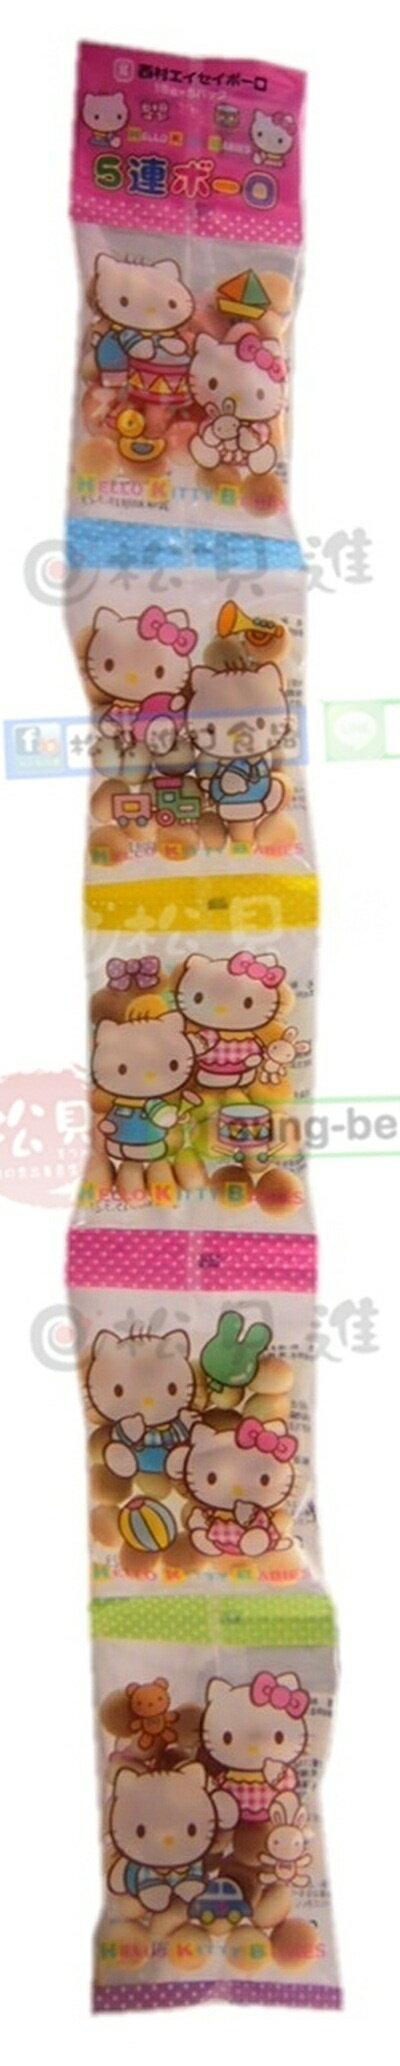 西村kitty小饅頭5連75g【4904073688775】